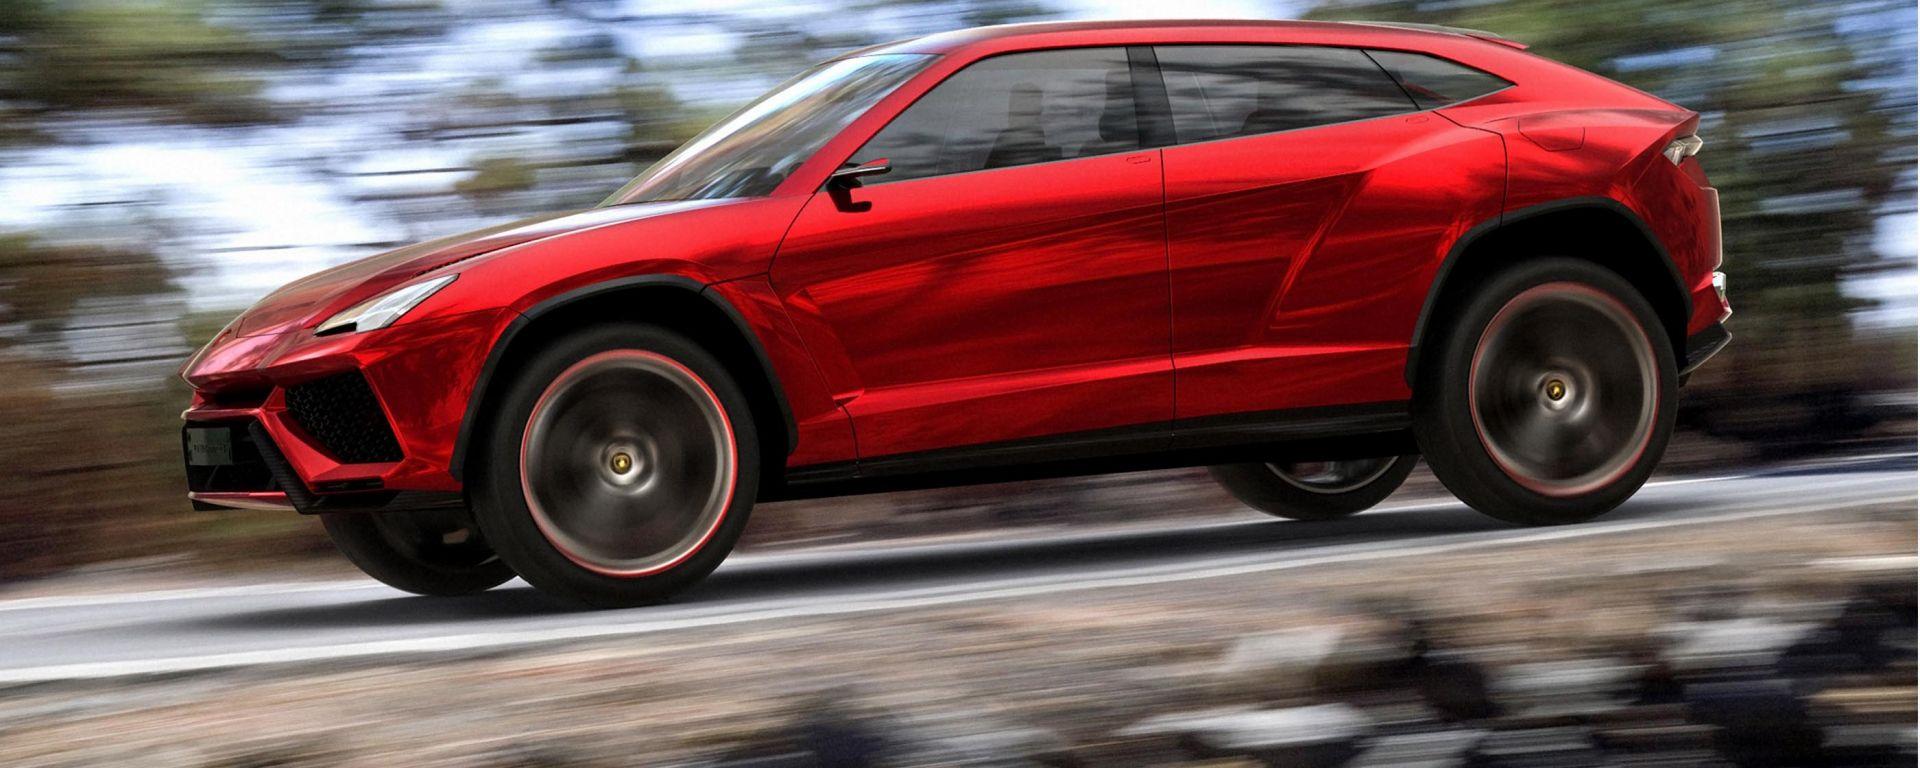 Lamborghini urus prestazioni scheda tecnica costo for Costo per aggiungere 2 box auto